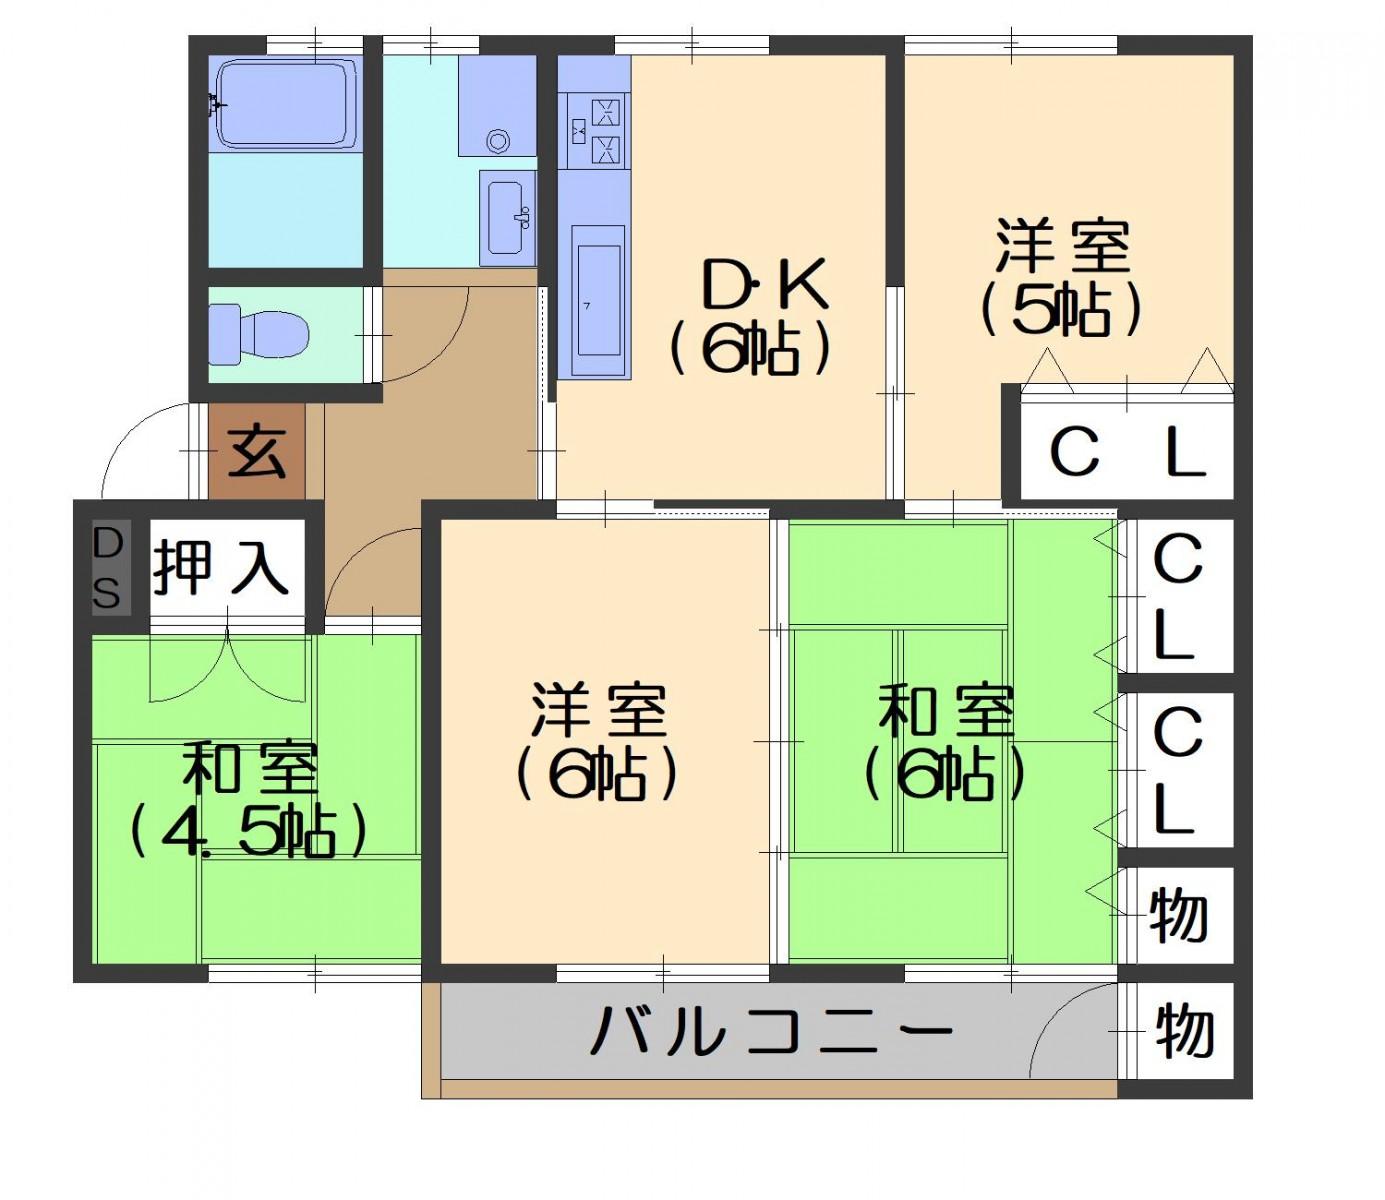 竹の台団地D1棟 価格1230万円 イメージ